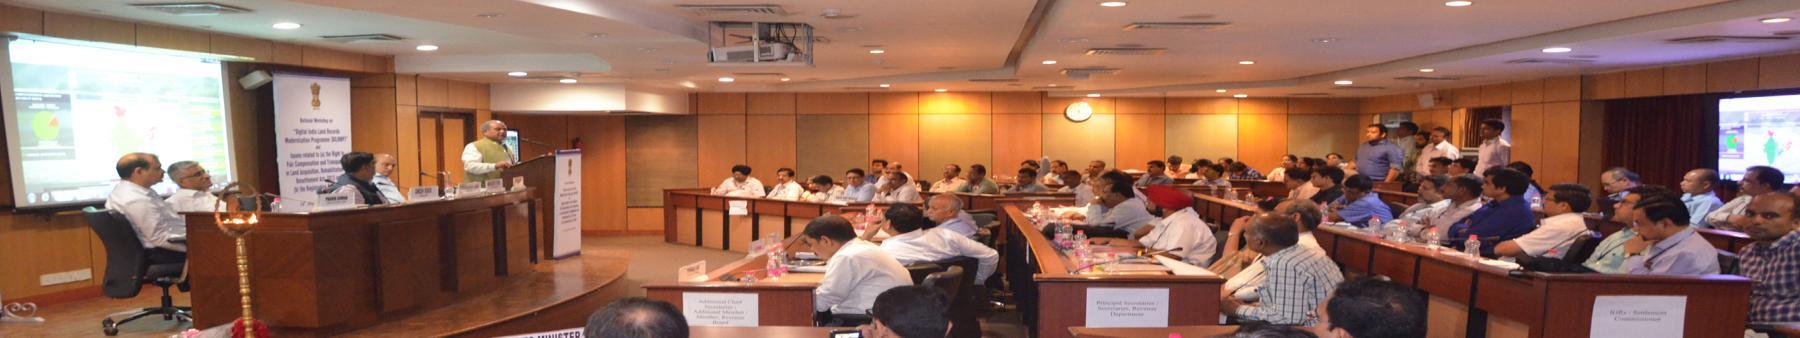 National workshop of Digital India Land Resources